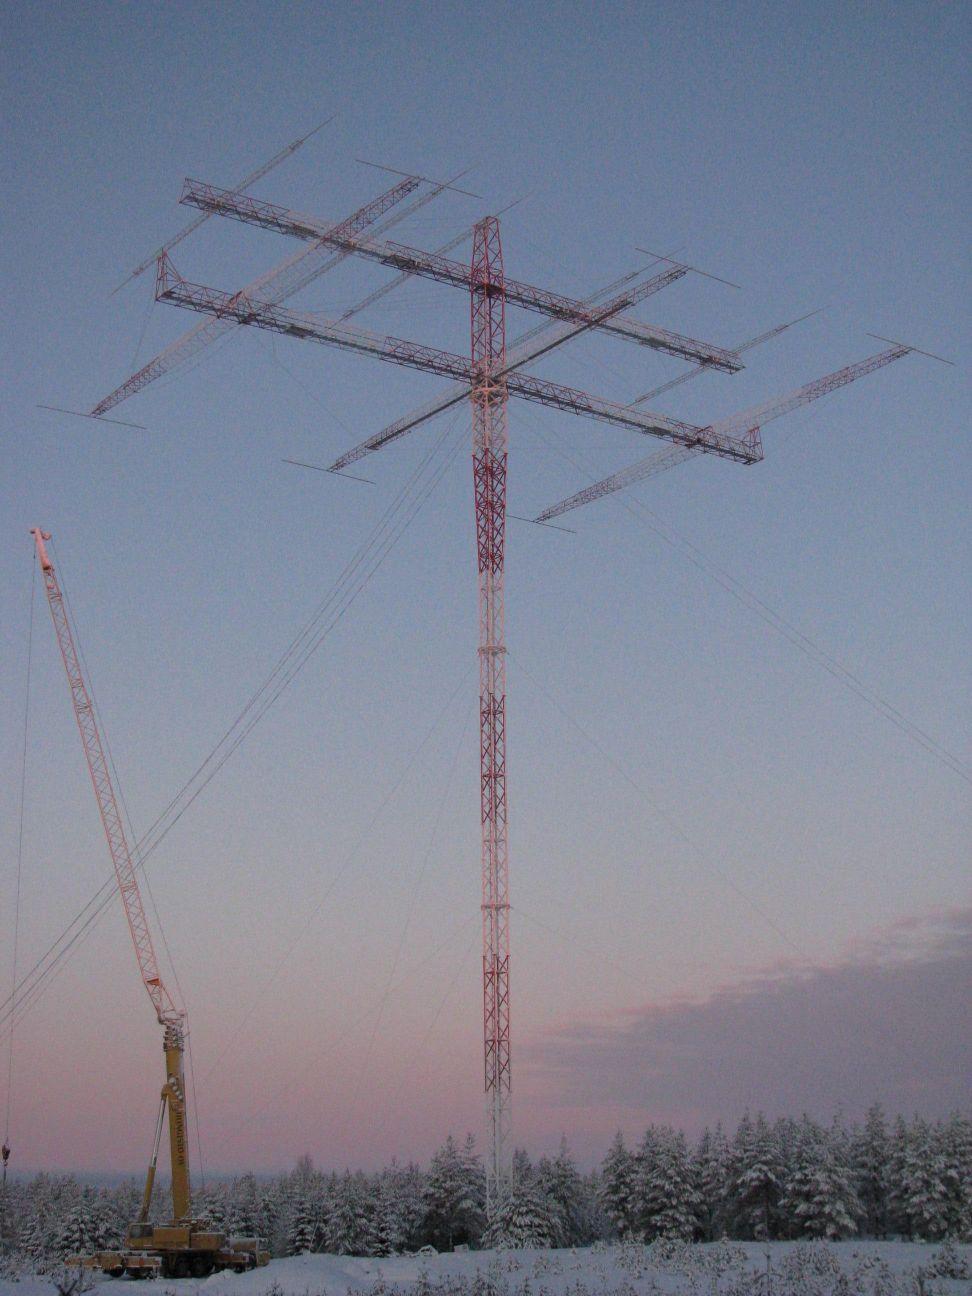 Нажмите на изображение для увеличения.  Название:OH8X Antena Monster (160 M 3 el. Yagi).JPG Просмотров:824 Размер:134.7 Кб ID:41698